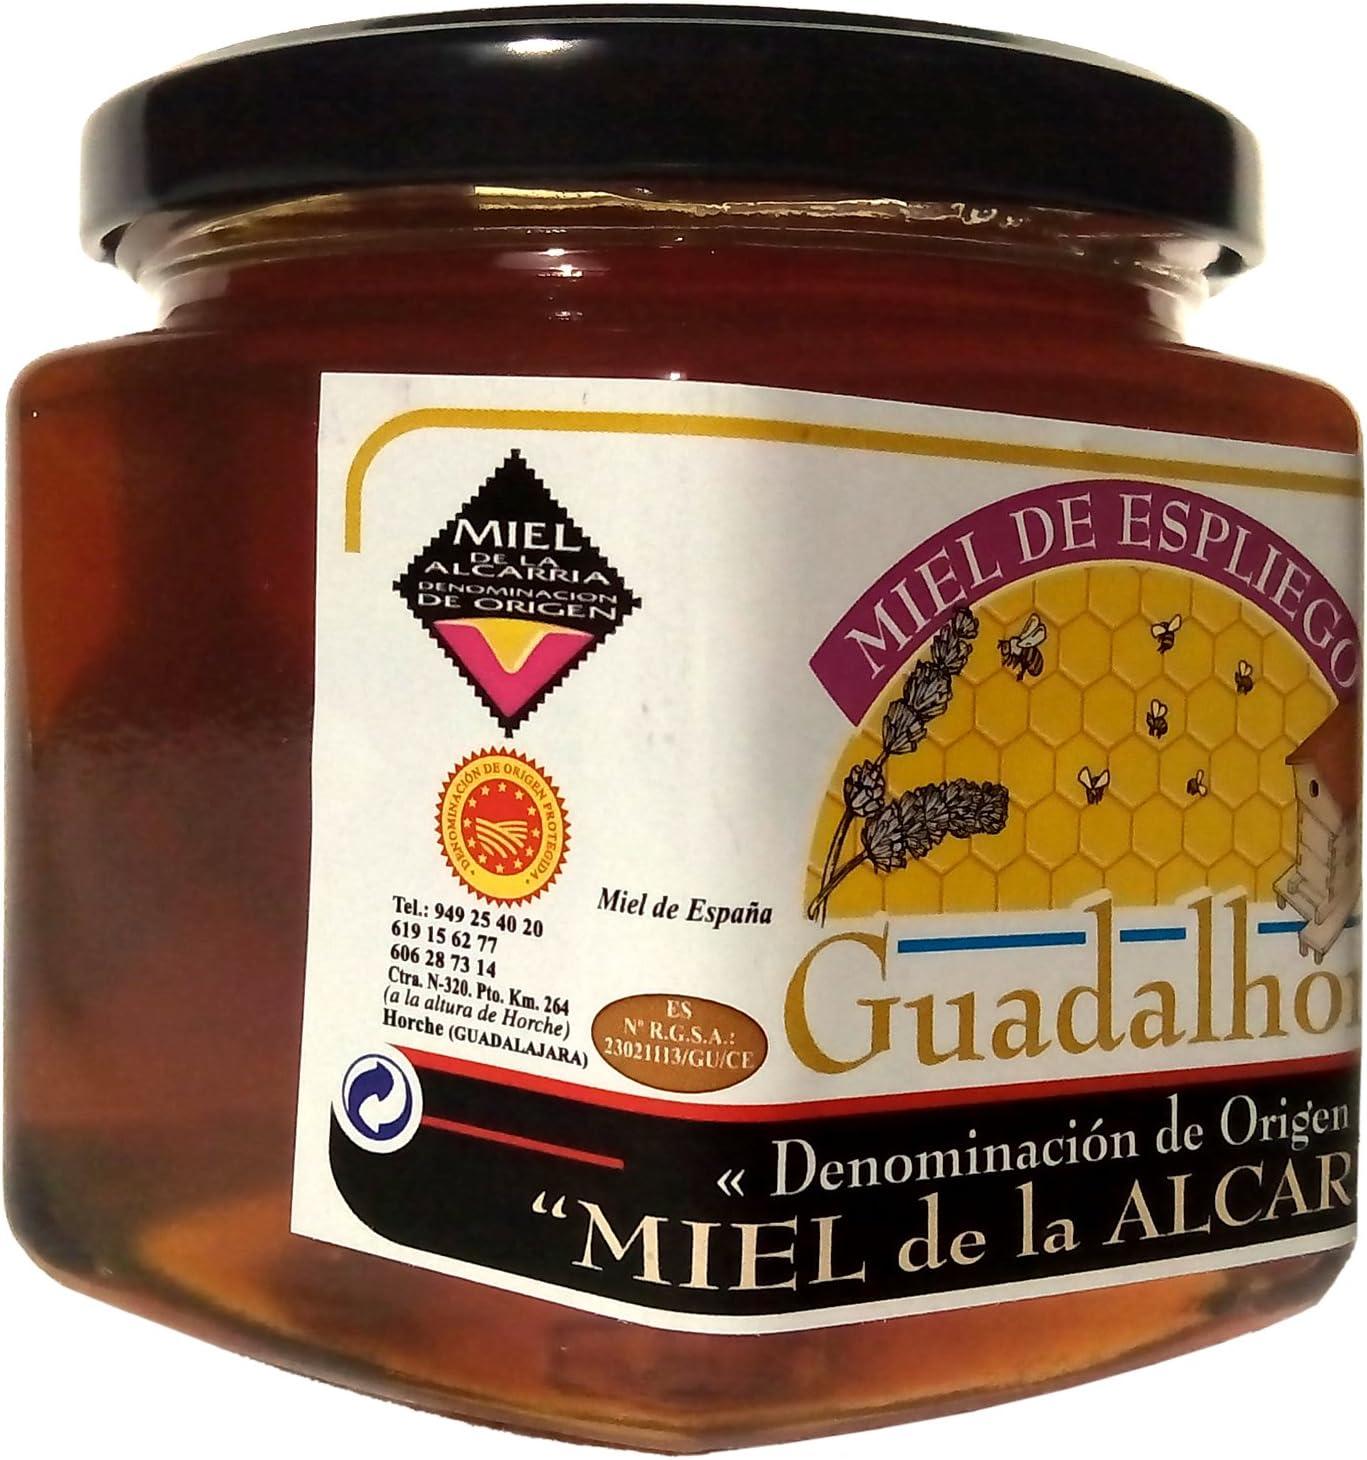 Miel natural Espliego (lavanda). PREMIO GRAN SELECCIÓN CASTILLA LA MANCHA DE CALIDAD DIFERENCIADA 500gr Miel pura de abeja de Gran Calidad: Amazon.es: Alimentación y bebidas